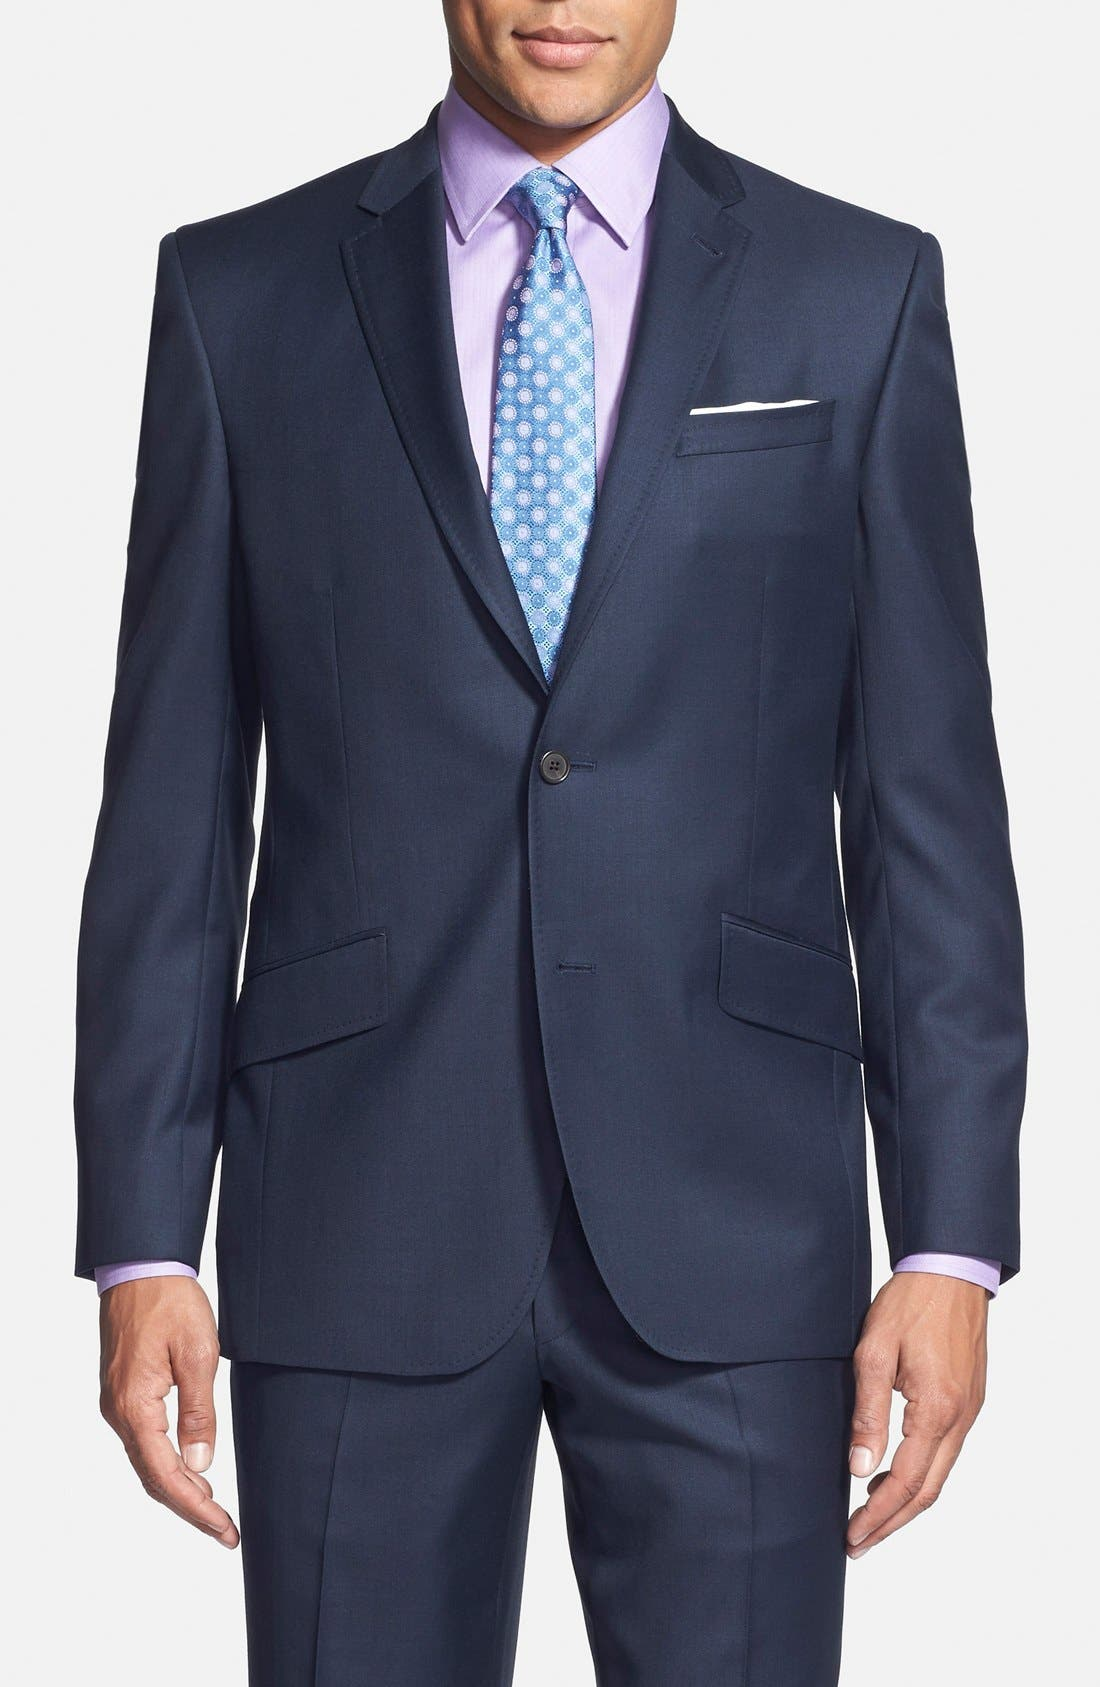 Jones Trim Fit Solid Wool Suit,                             Alternate thumbnail 4, color,                             Blue